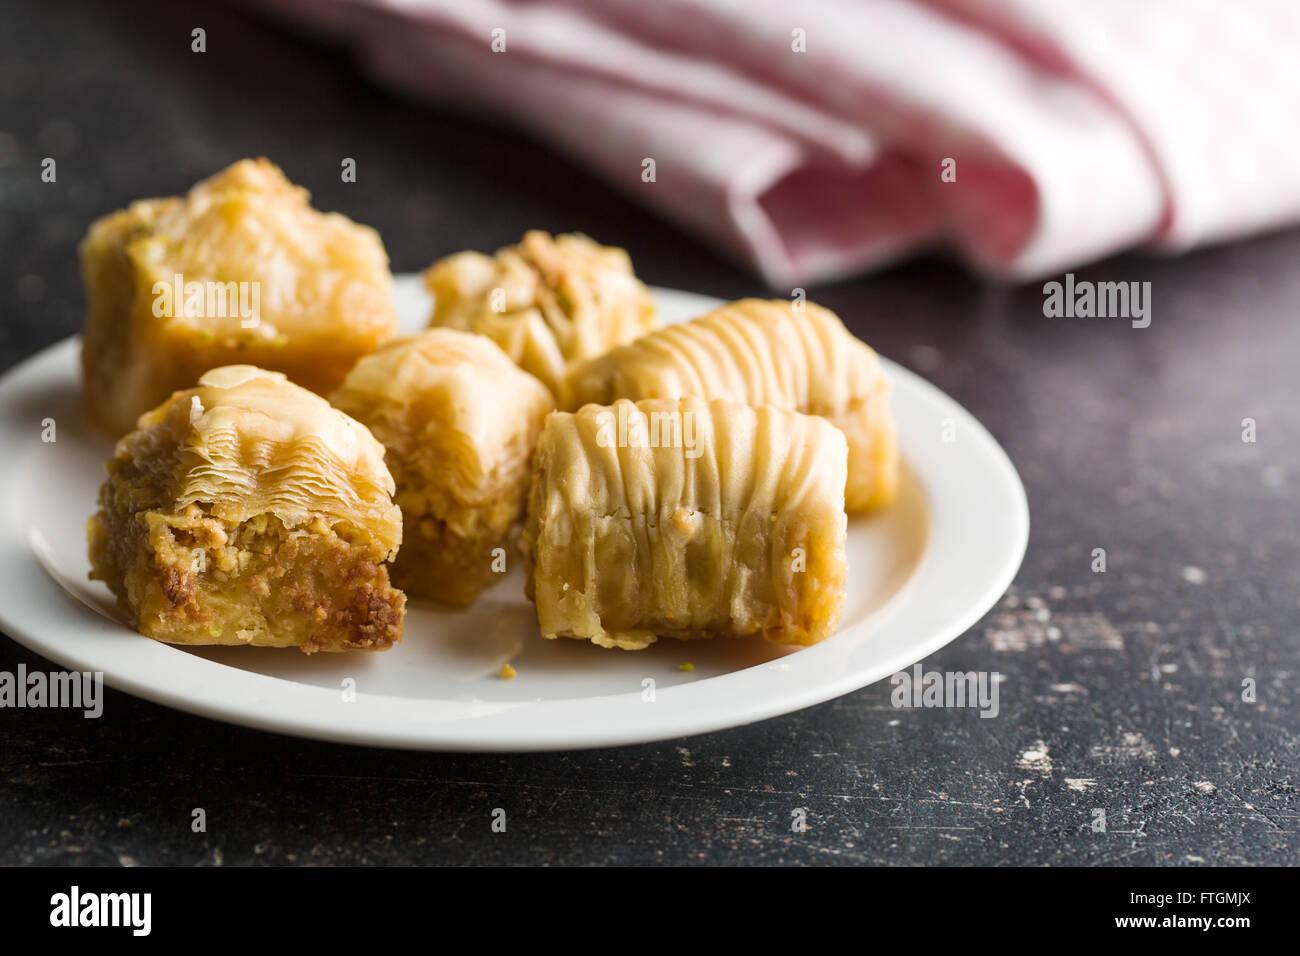 Sweet baklava dessert sur assiette Photo Stock